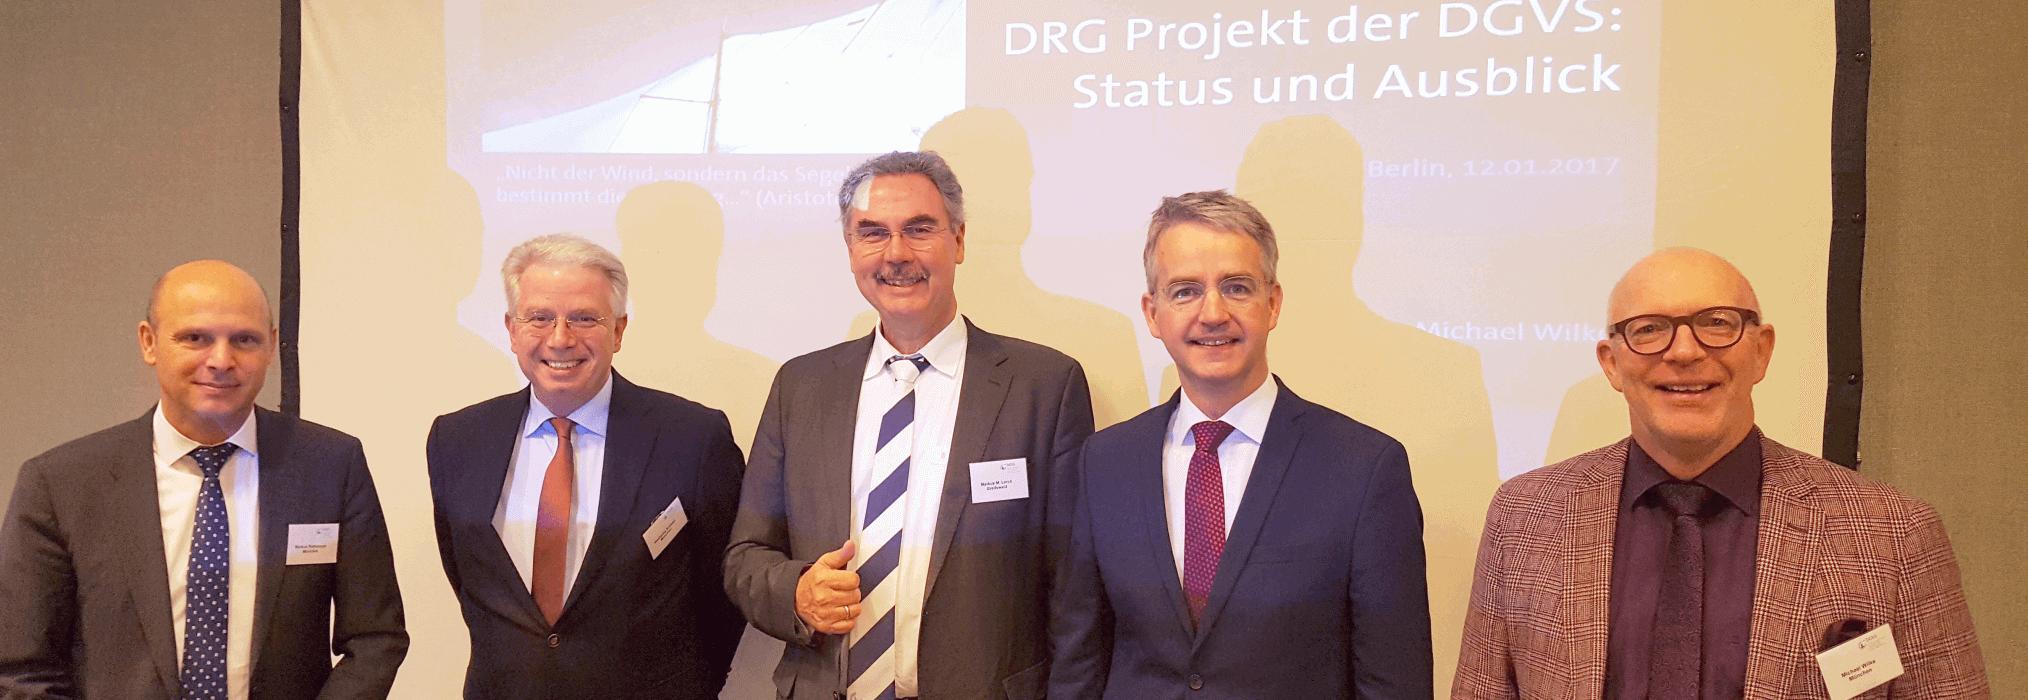 DRG Leitungsteam der DGVS 2017